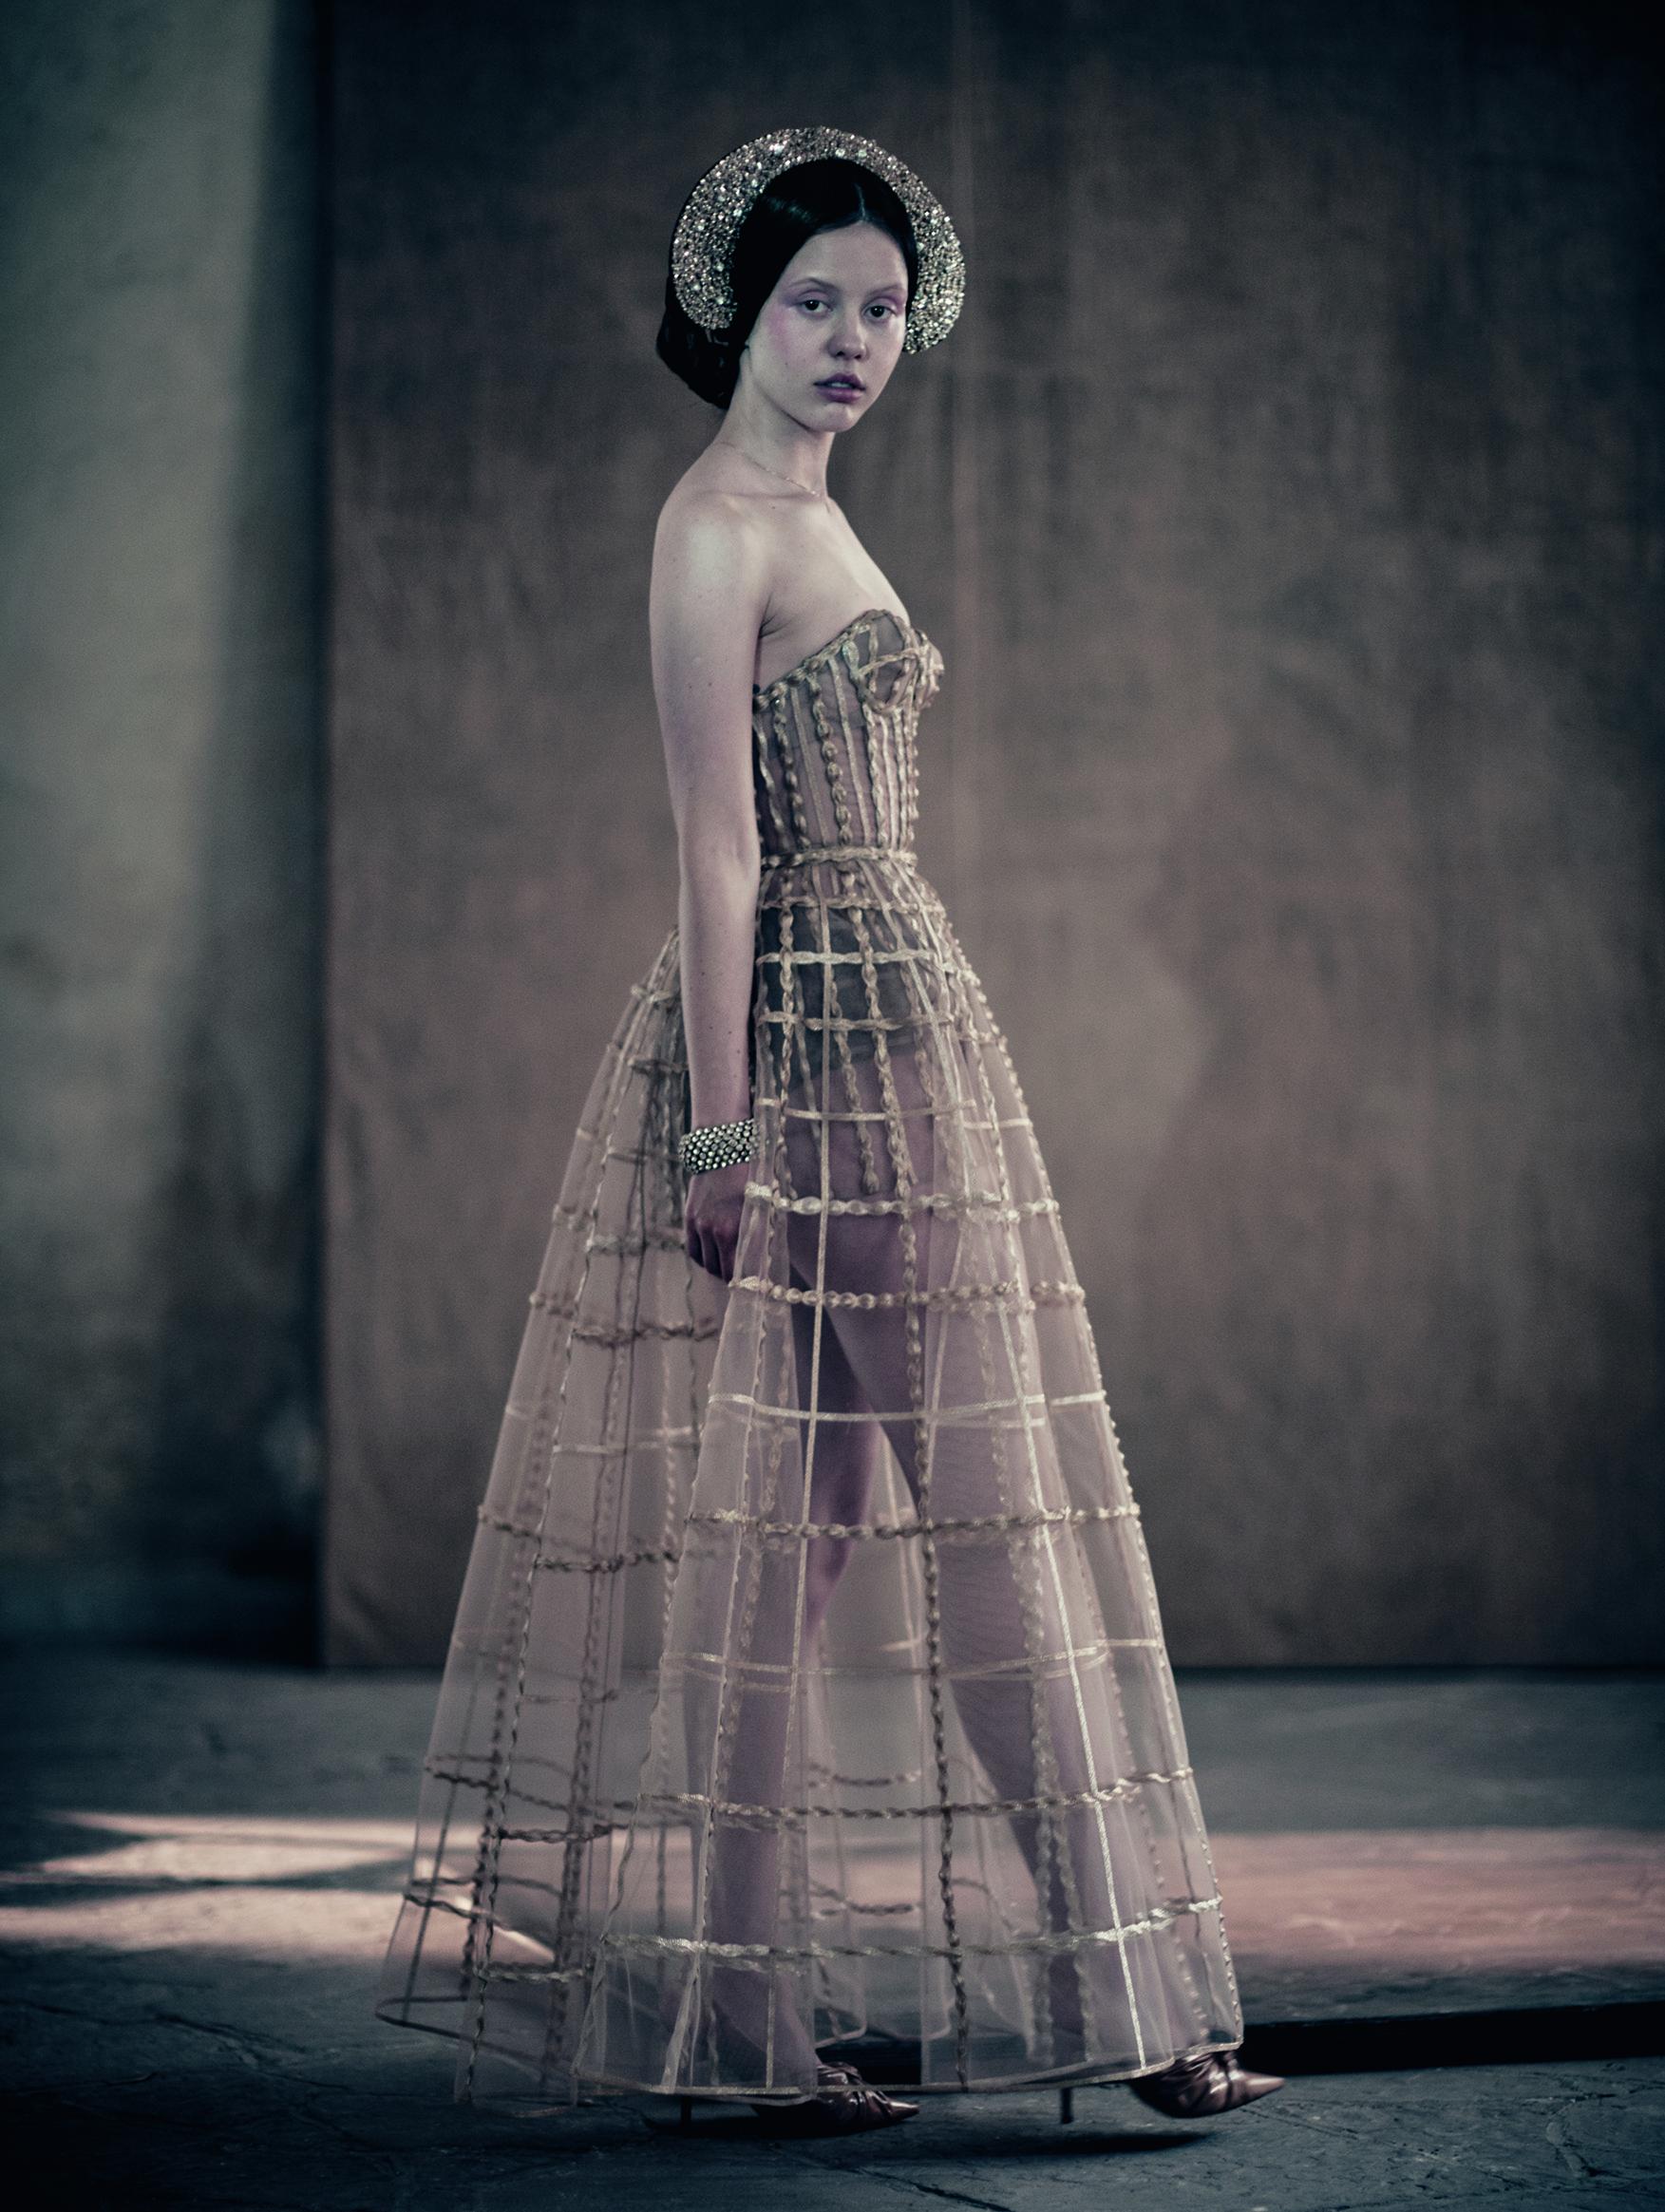 La actriz y modelo británica Mia Goth es una actriz que participó de este calendario 2020.